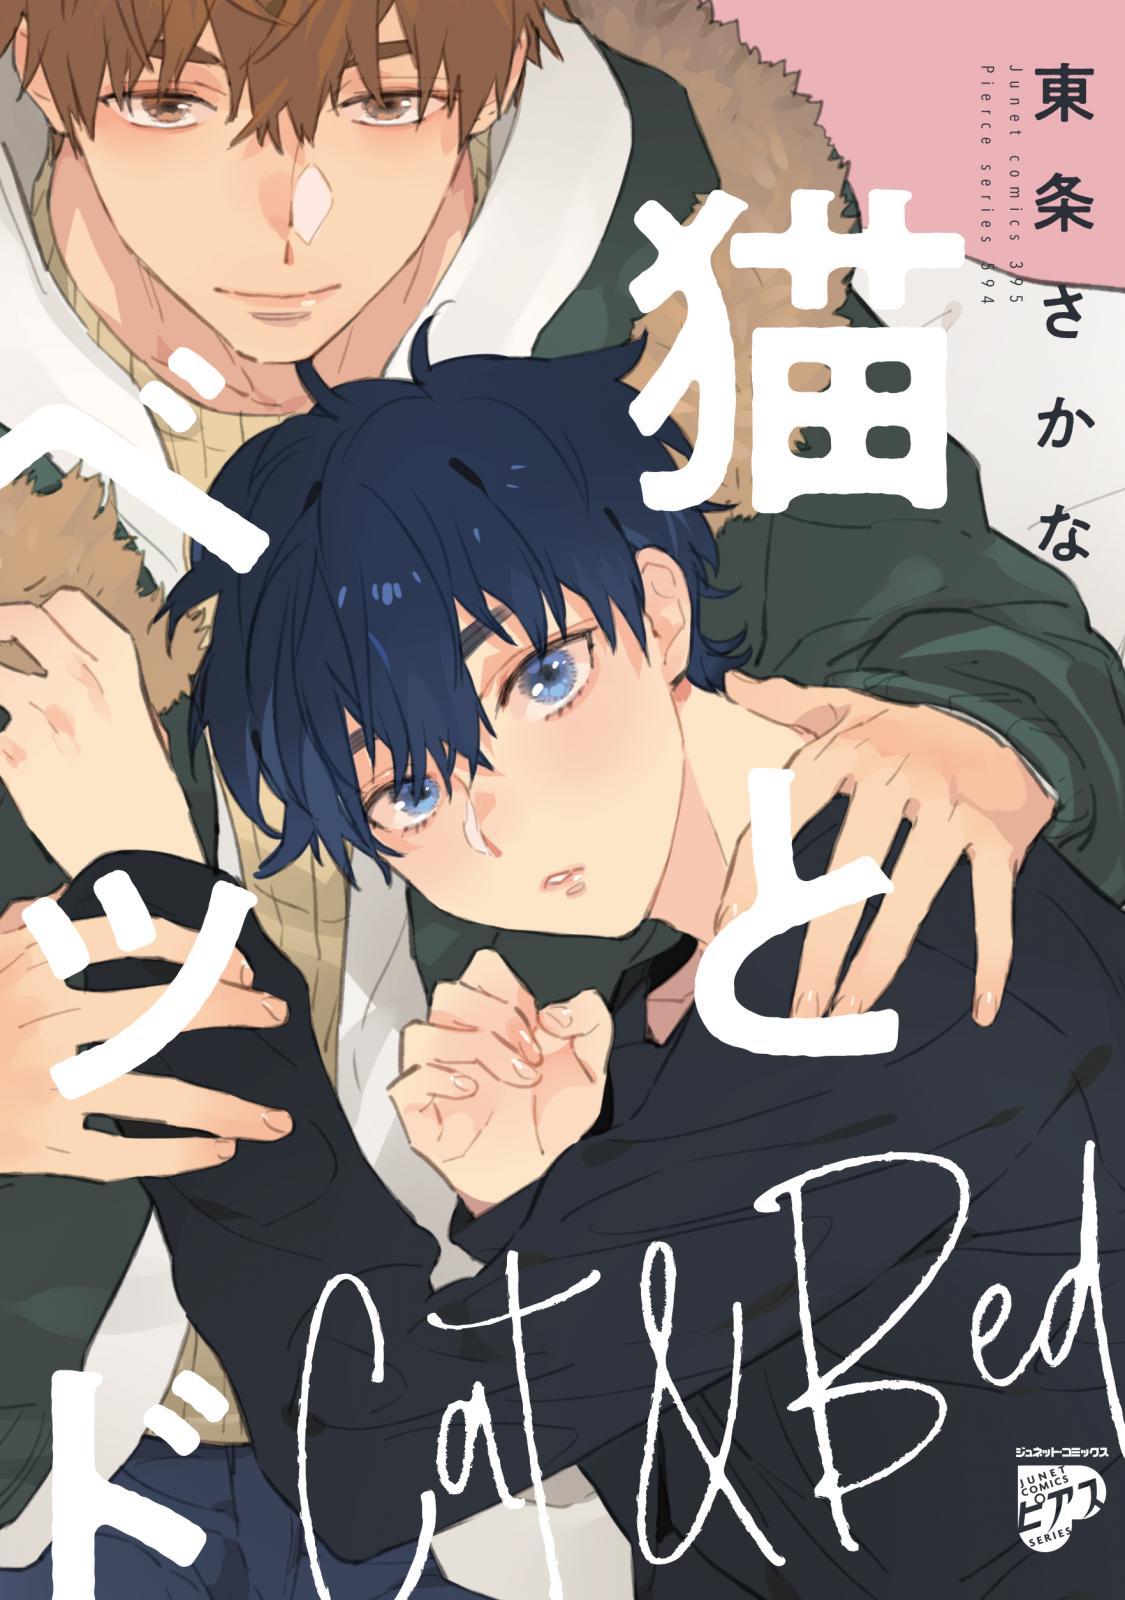 猫とベッド【コミックス版】【電子版限定特典付き】